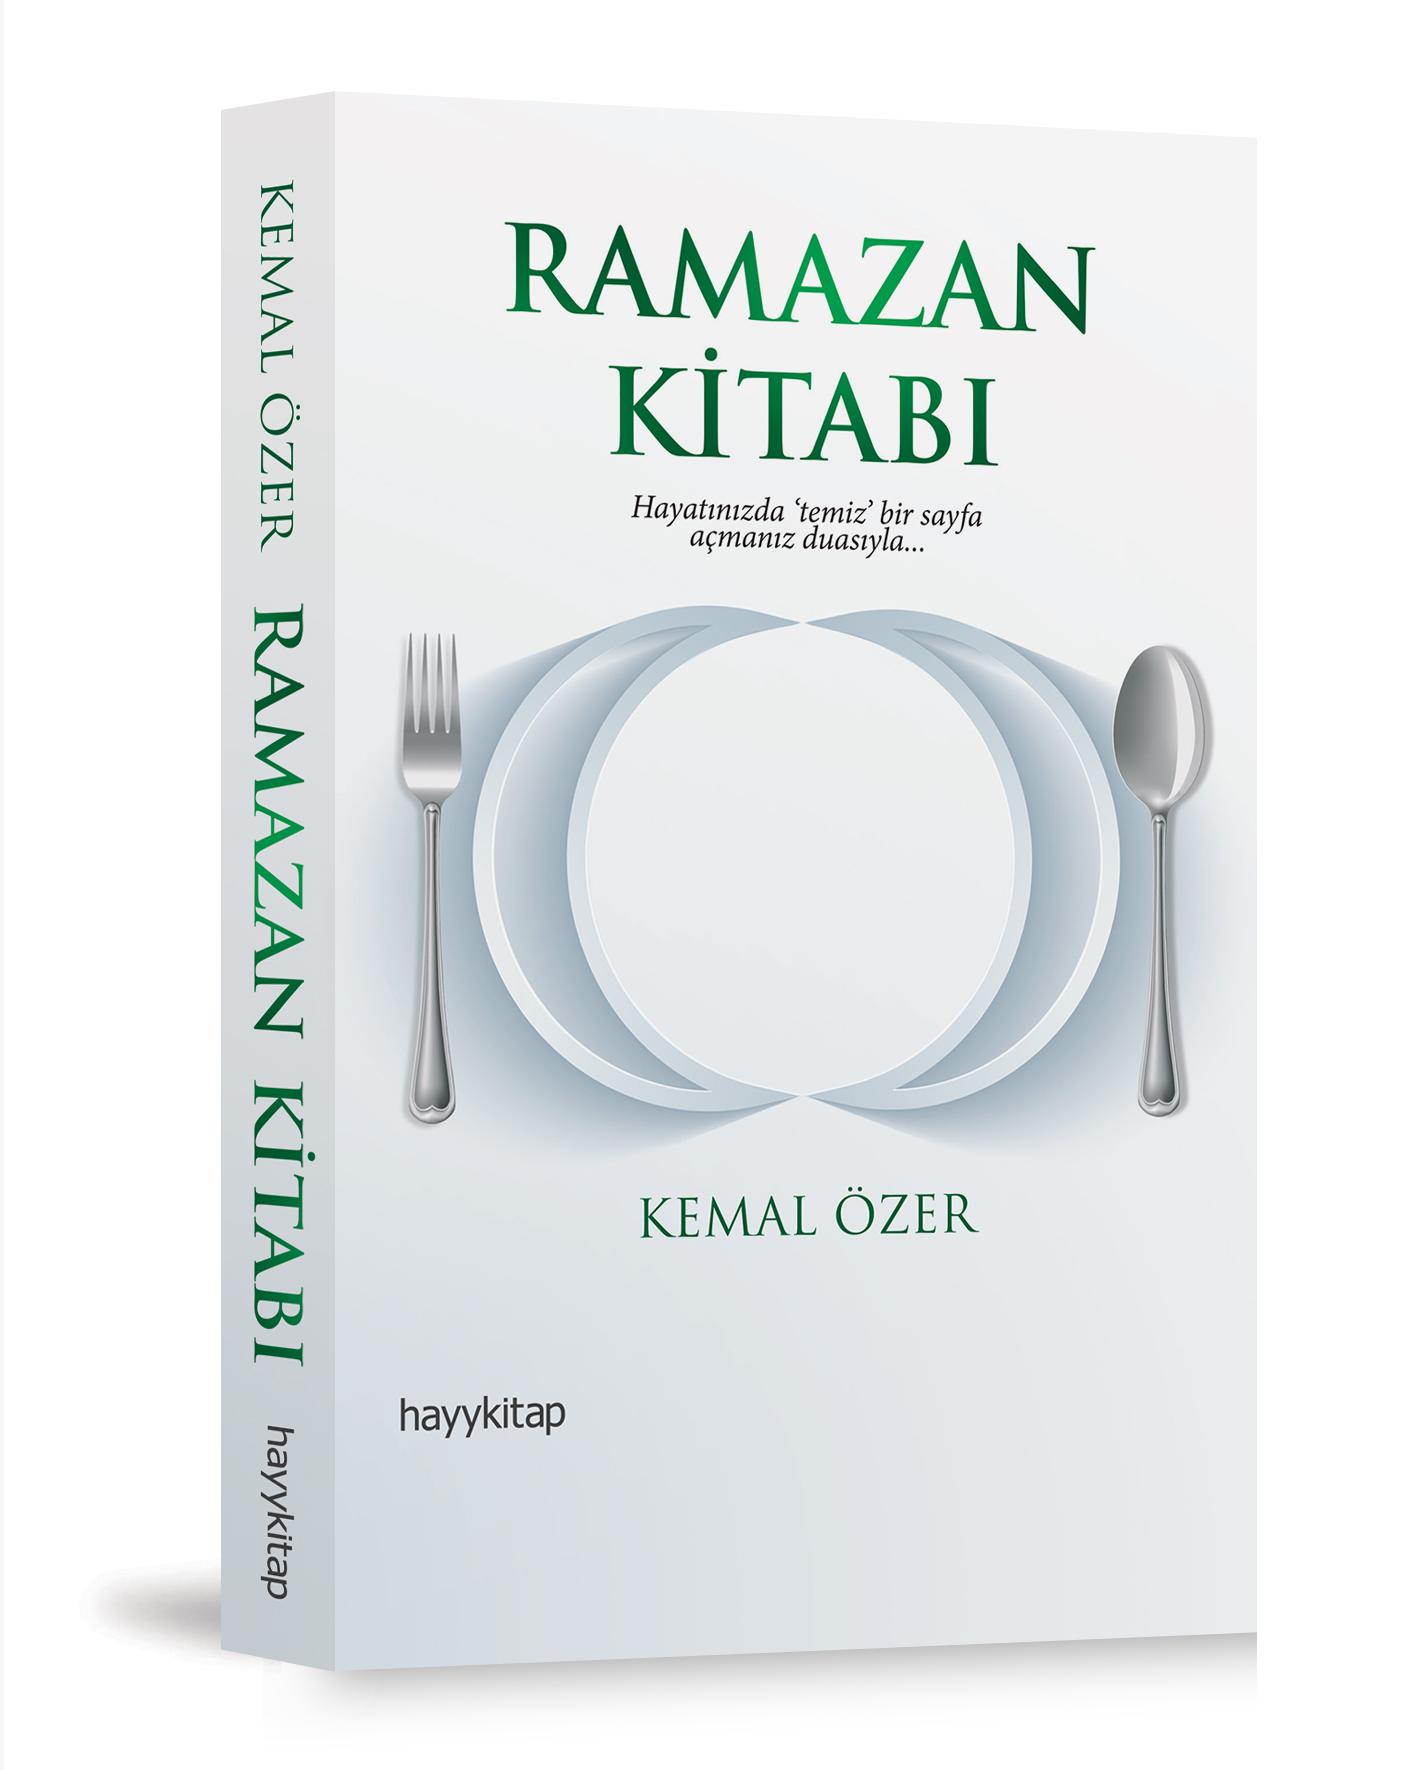 ramazankitabi-3d.jpg